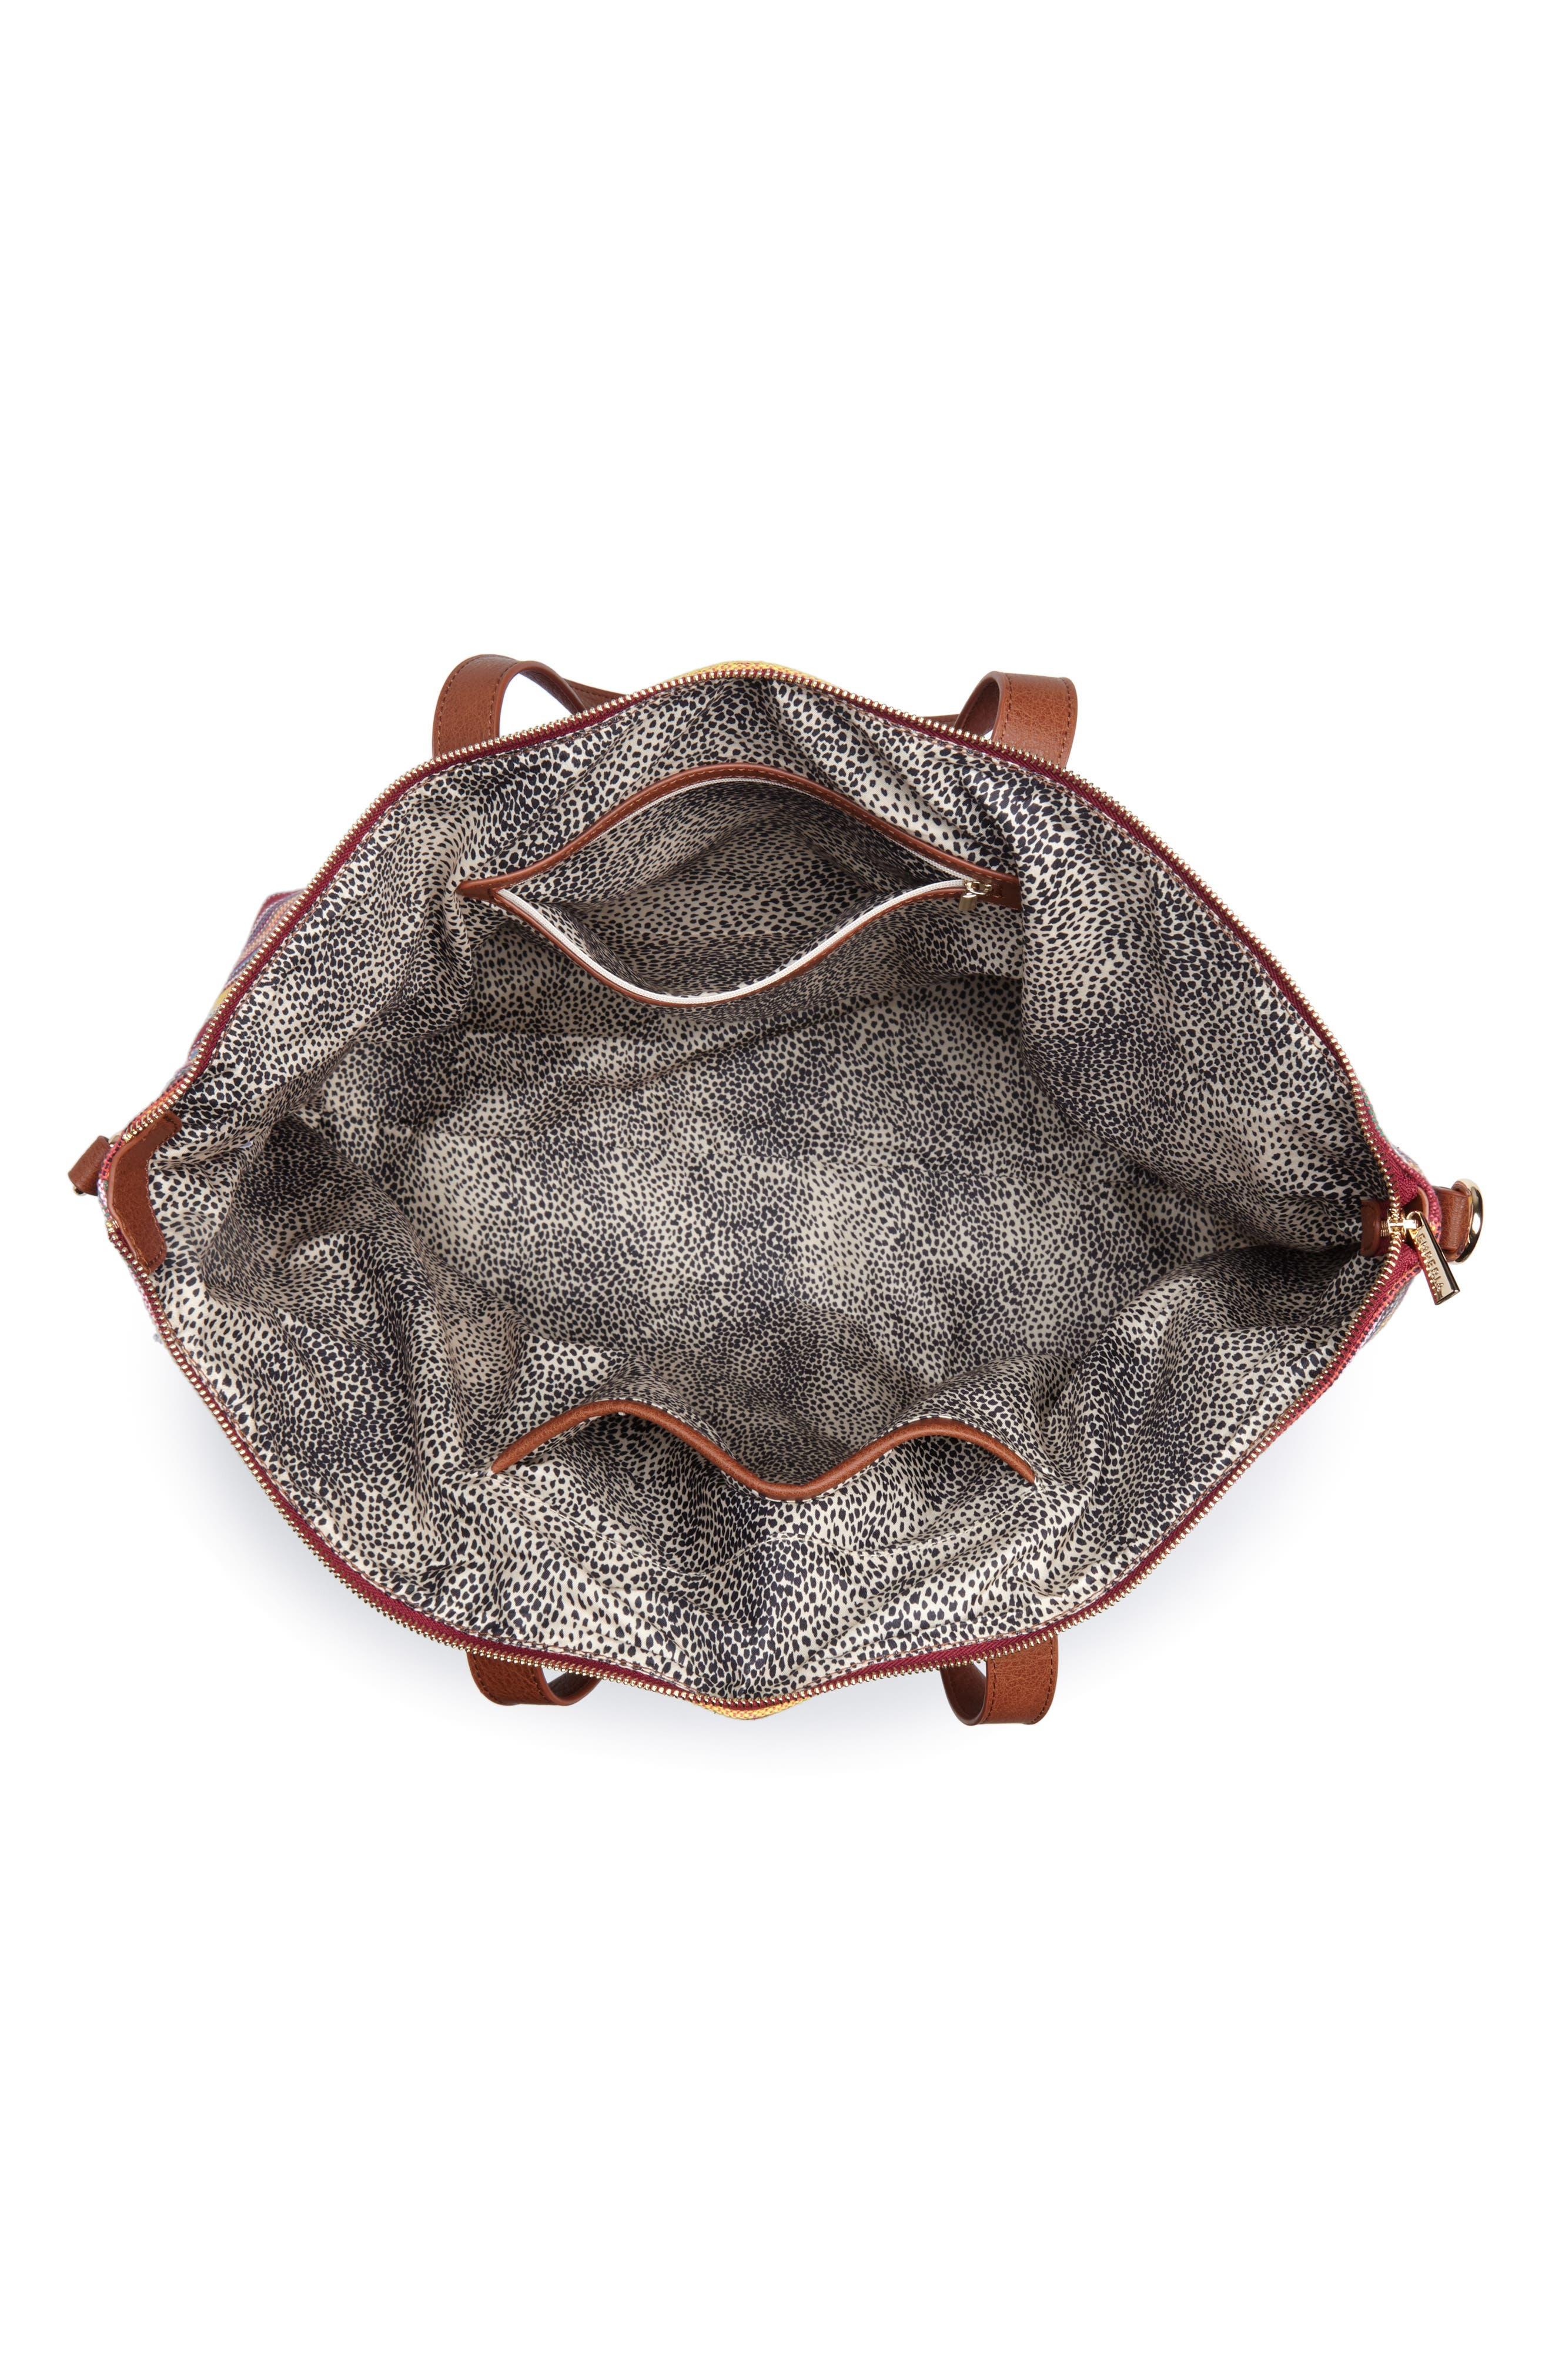 Stripe Woven Overnight Bag,                             Alternate thumbnail 4, color,                             500